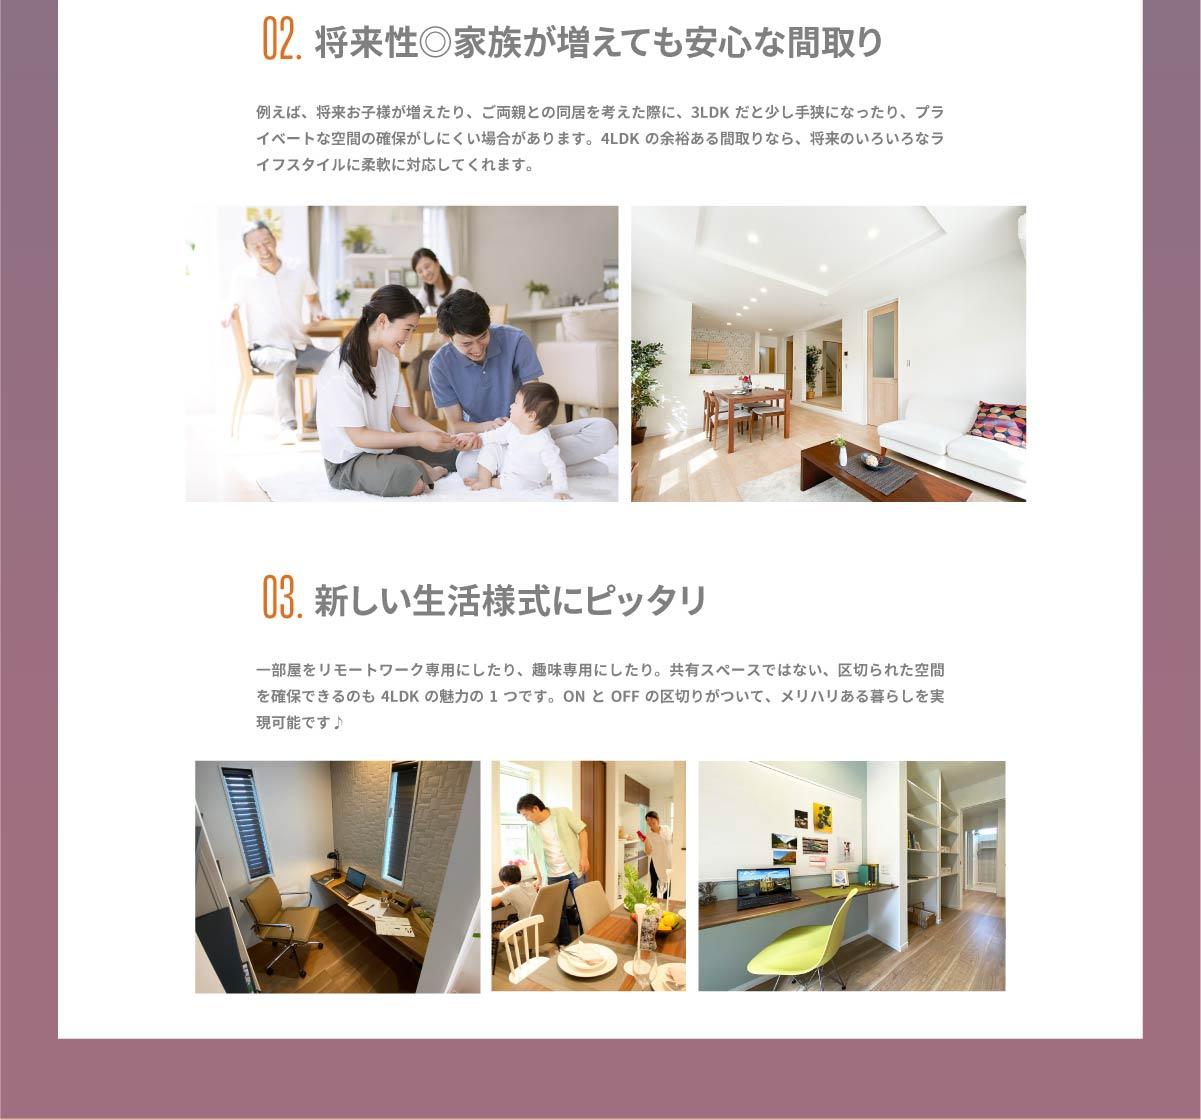 美都住販 街かど モデルハウス 02.将来性◎家族が増えても安心な間取り 例えば、将来お子様が増えたり、ご両親との同居を考えた際に、3LDKだと少し手狭になったり、プライベートな空間の確保がしにくい場合があります。4LDKの余裕ある間取りなら、将来のいろいろなライフスタイルに柔軟に対応してくれます。 03.新しい生活様式にピッタリ 一部屋をリモートワーク専用にしたり、趣味専用にしたり。共有スペースではない、区切られた空間を確保できるのも4LDKの魅力の1つです。ONとOFFの区切りがついて、メリハリある暮らしを実現可能です♪